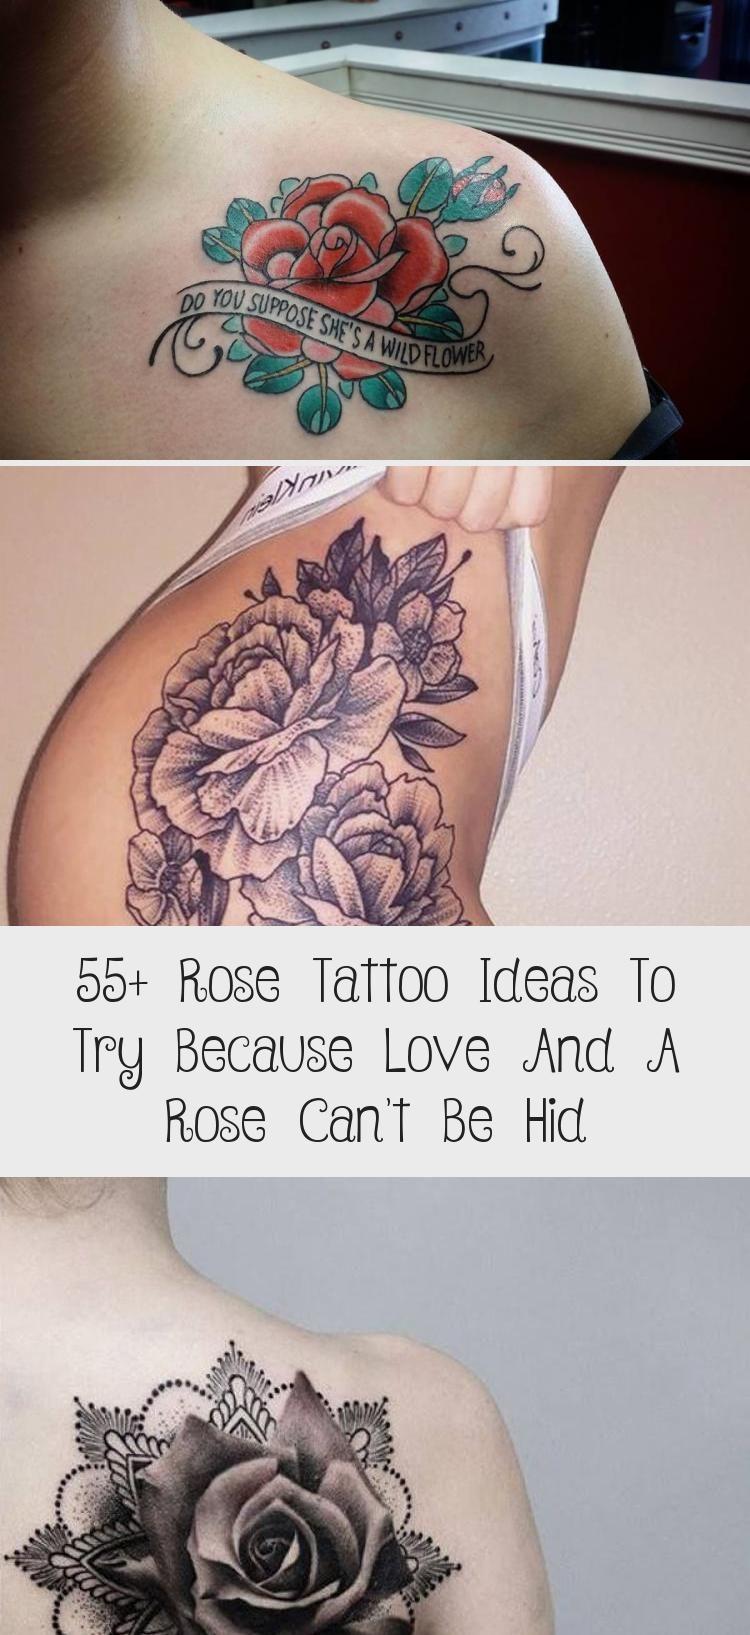 Photo of Plus de 55 idées de tatouage de rose à essayer parce que l'amour et une rose ne peuvent pas être cachés – Tatouages